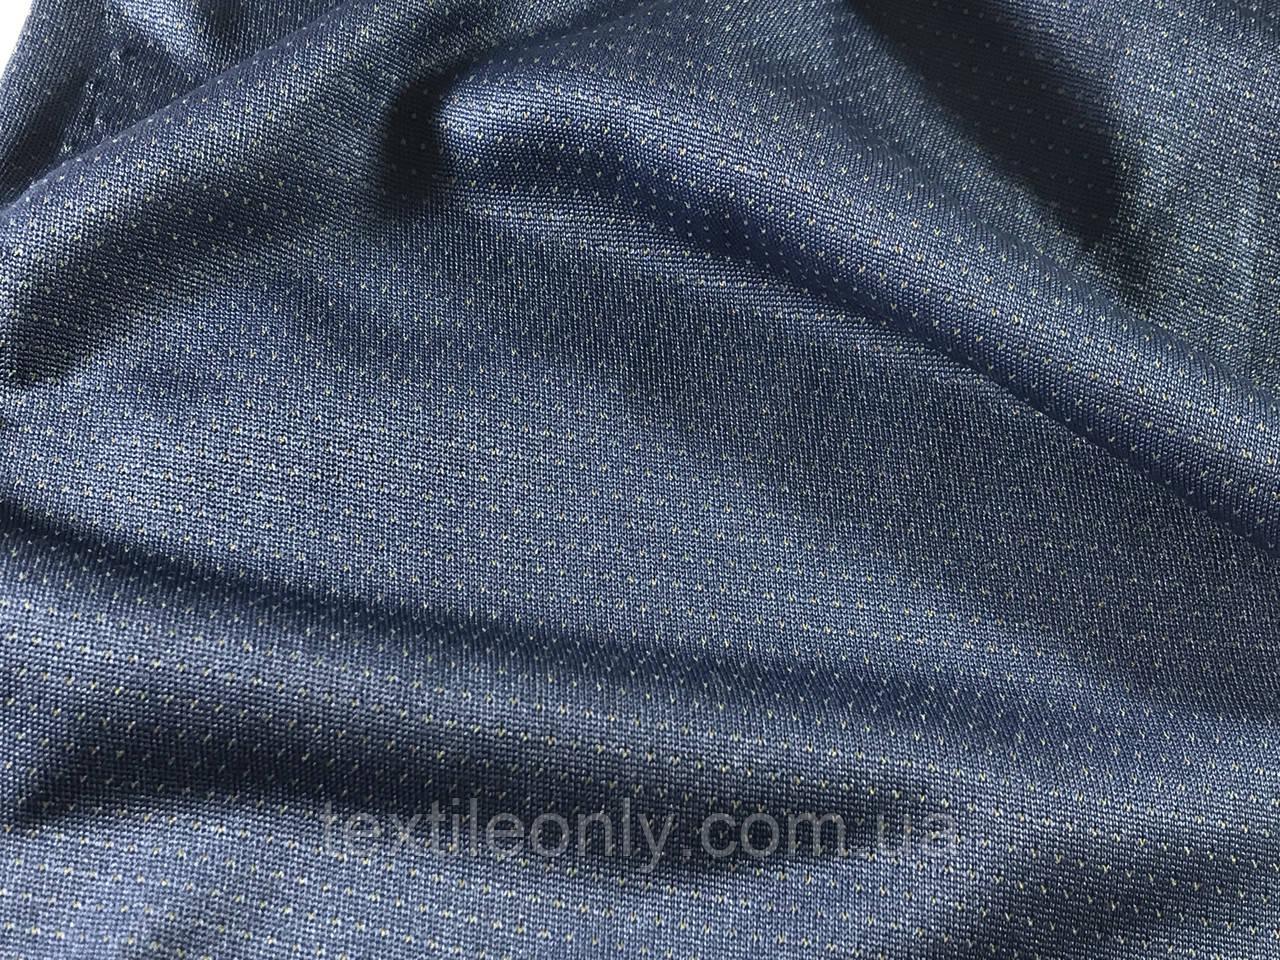 Трикотаж Сетка спорт цвет темно синий